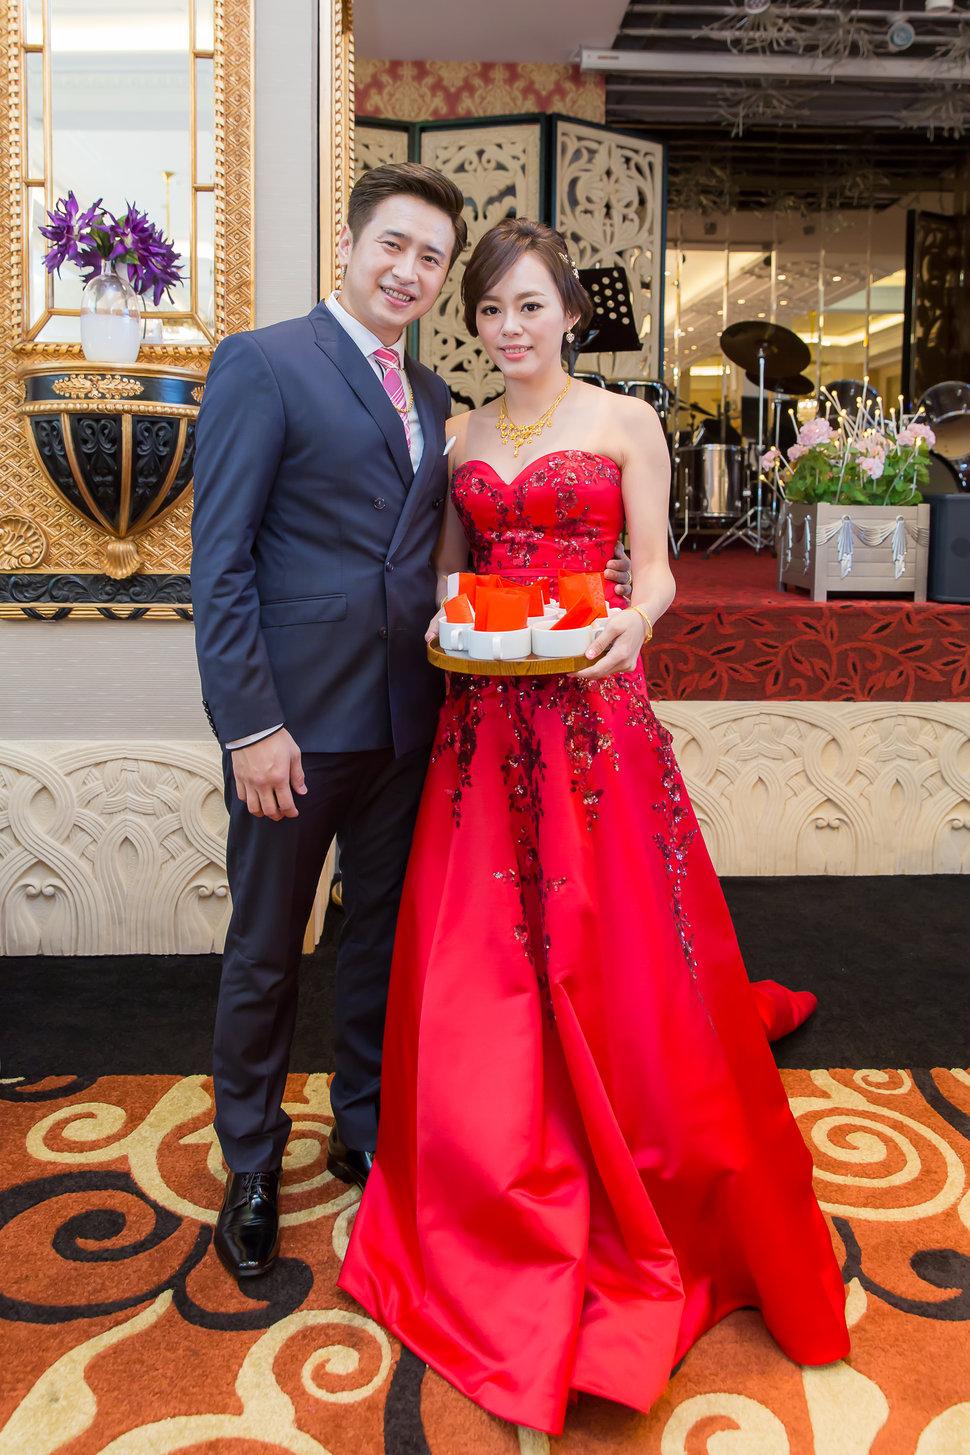 志平&宜柔_文定_南投寶旺萊6號花園酒店(編號:289141) - Baby Sweety 婚禮記錄 - 結婚吧